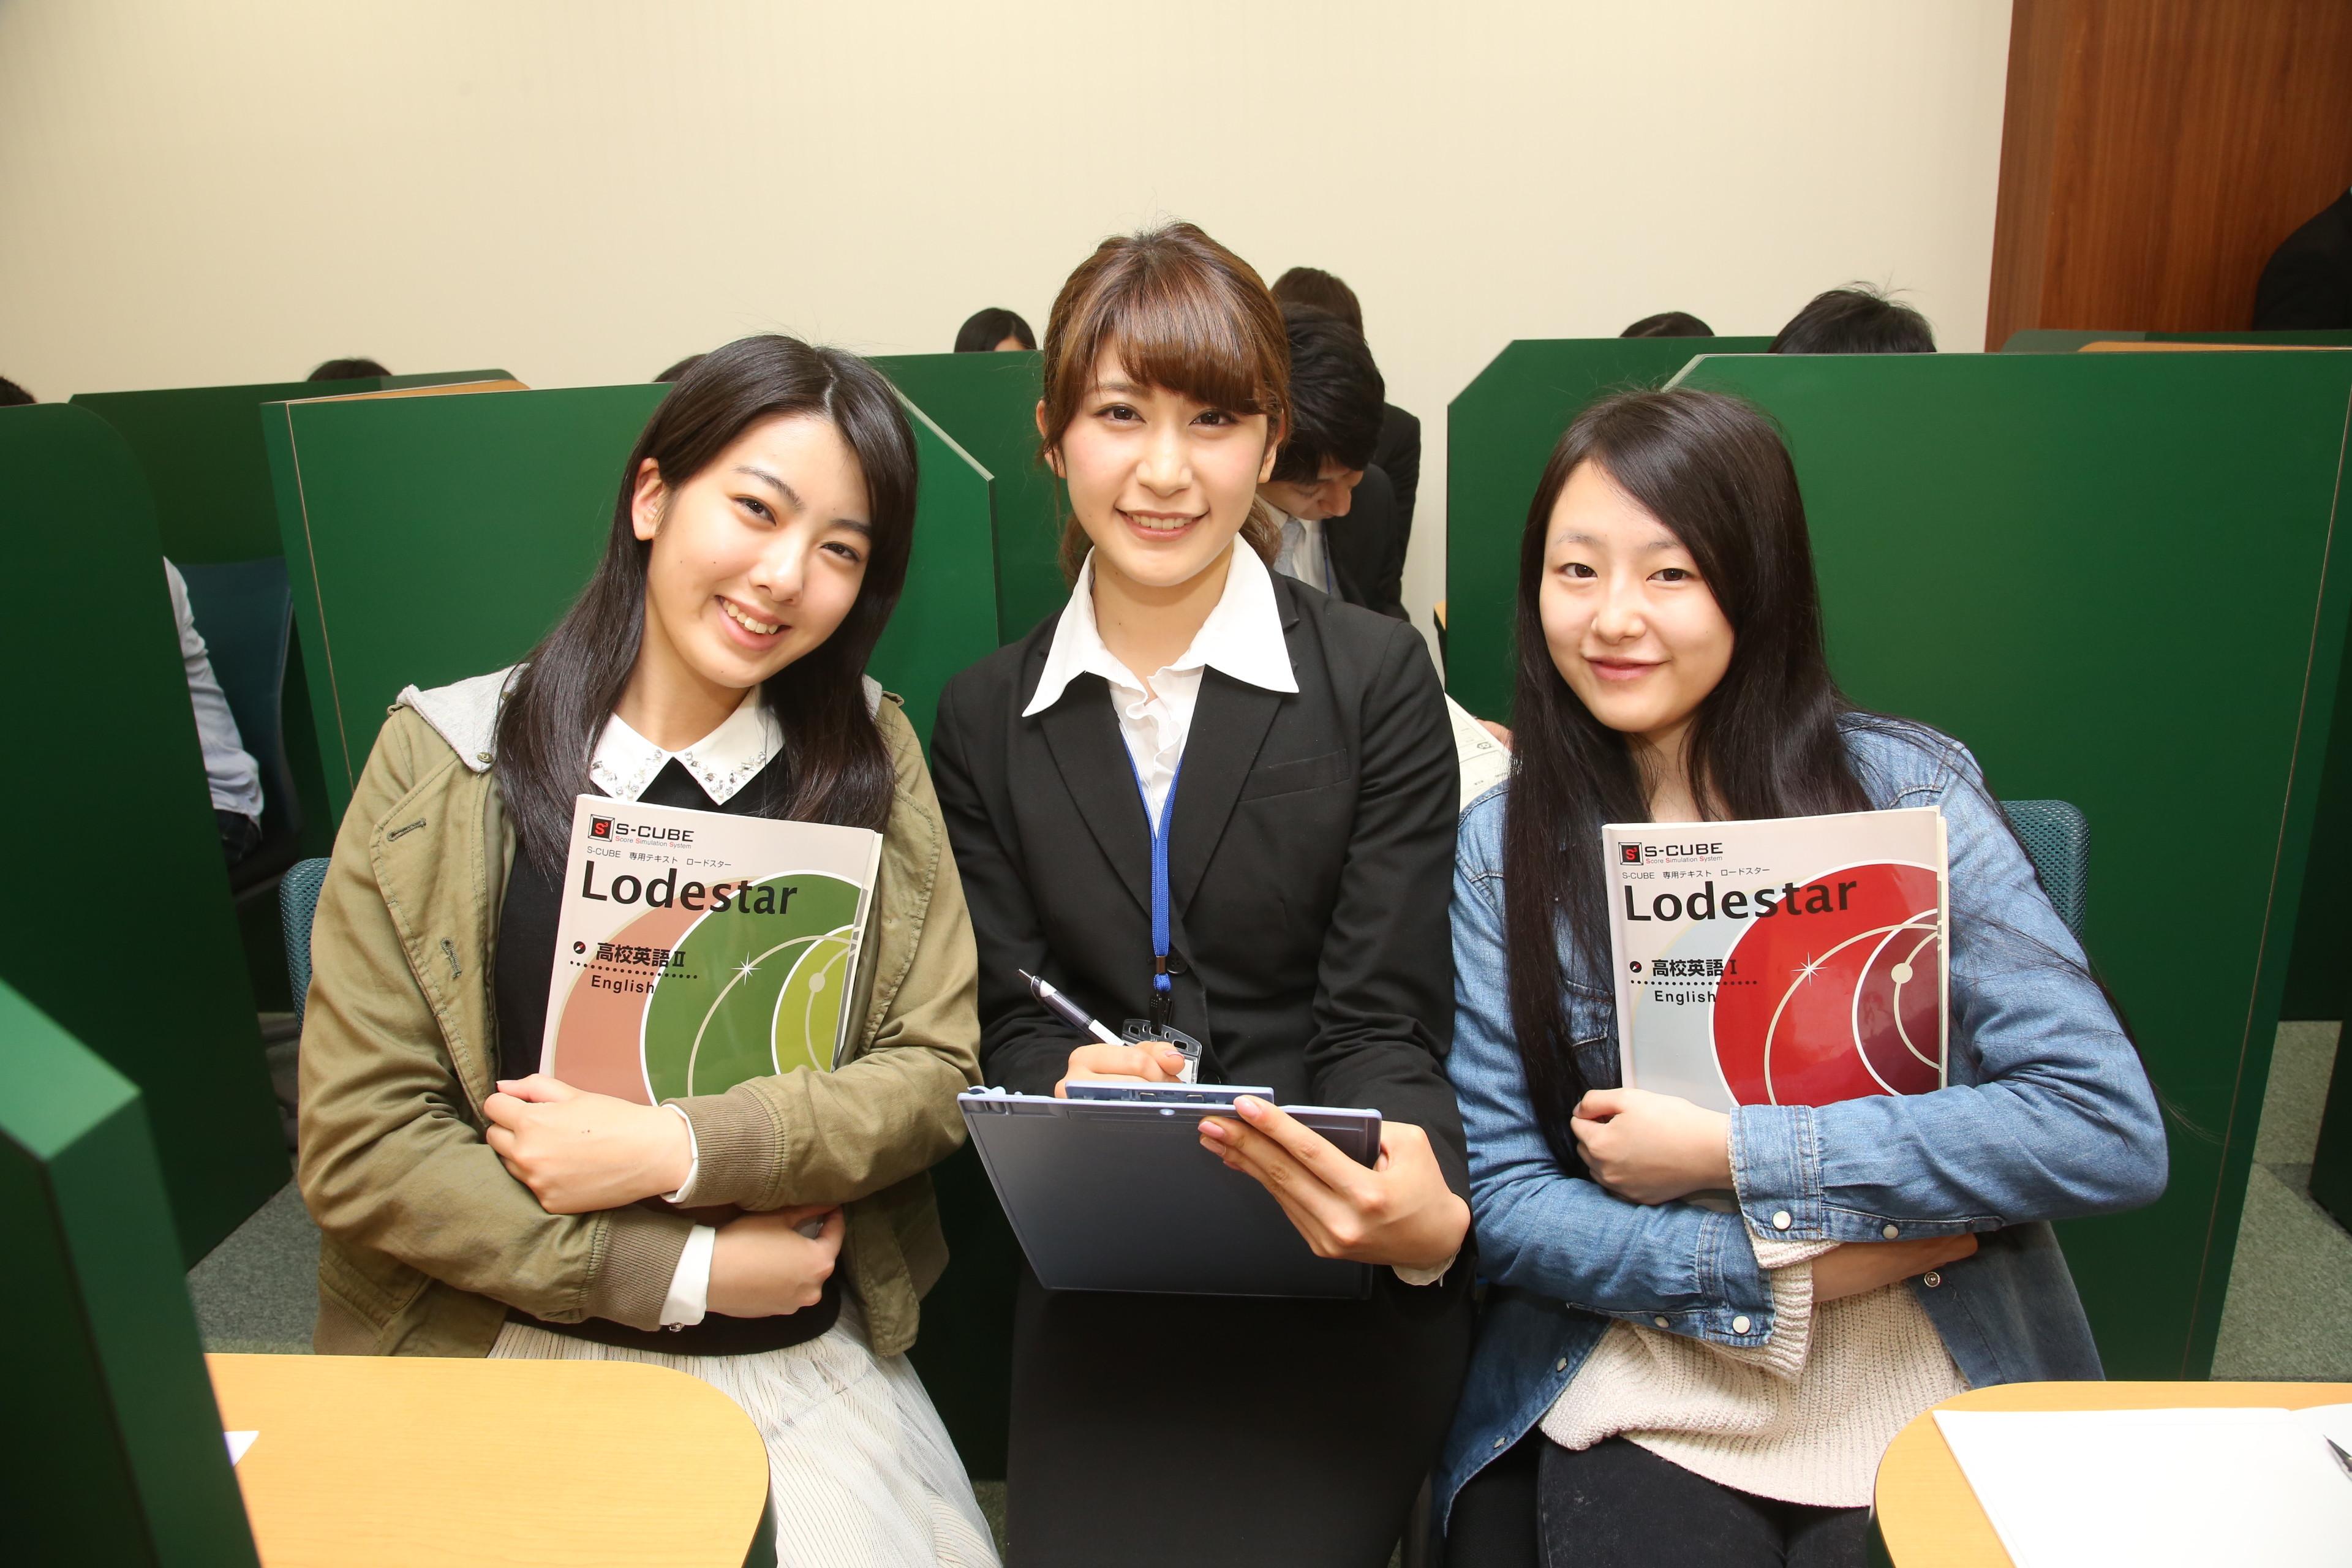 個別指導学院 フリーステップ 千鳥橋駅前教室のアルバイト情報